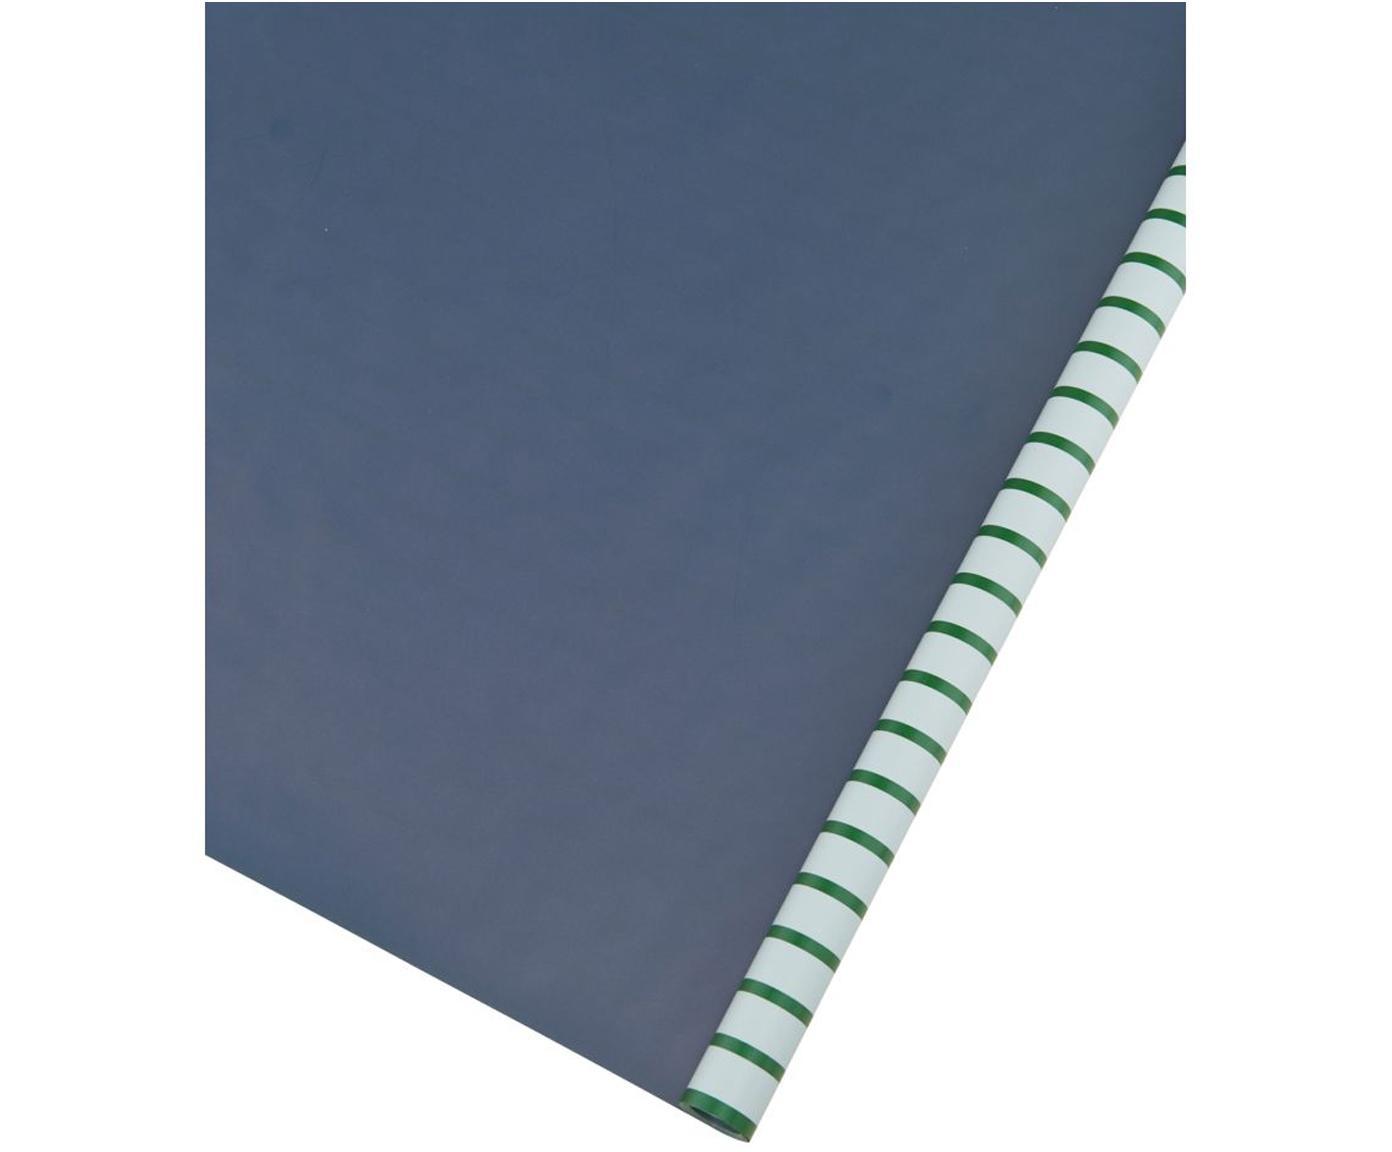 Geschenkpapier-Rolle Stripey, Papier, Grün, Hellblau, Dunkelblau, 50 x 70 cm